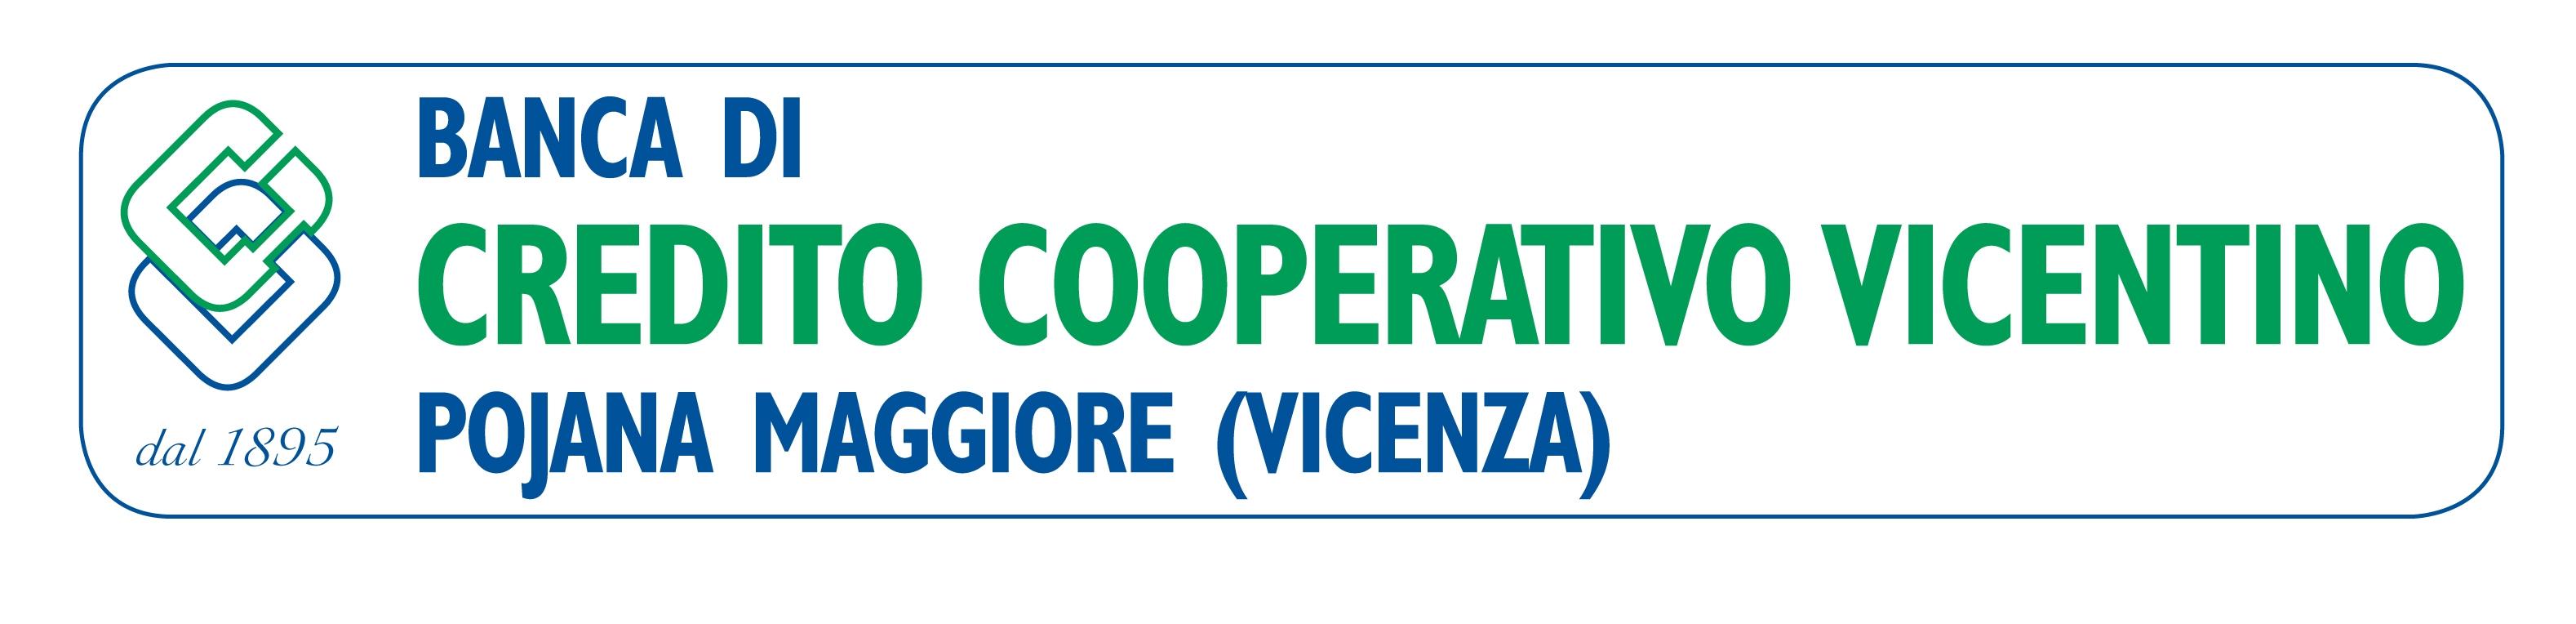 BANCA DI CREDITO COOPERATIVO VICENTINO POJANA MAGGIORE (VICENZA) SOCIETA' COOPERATIVA